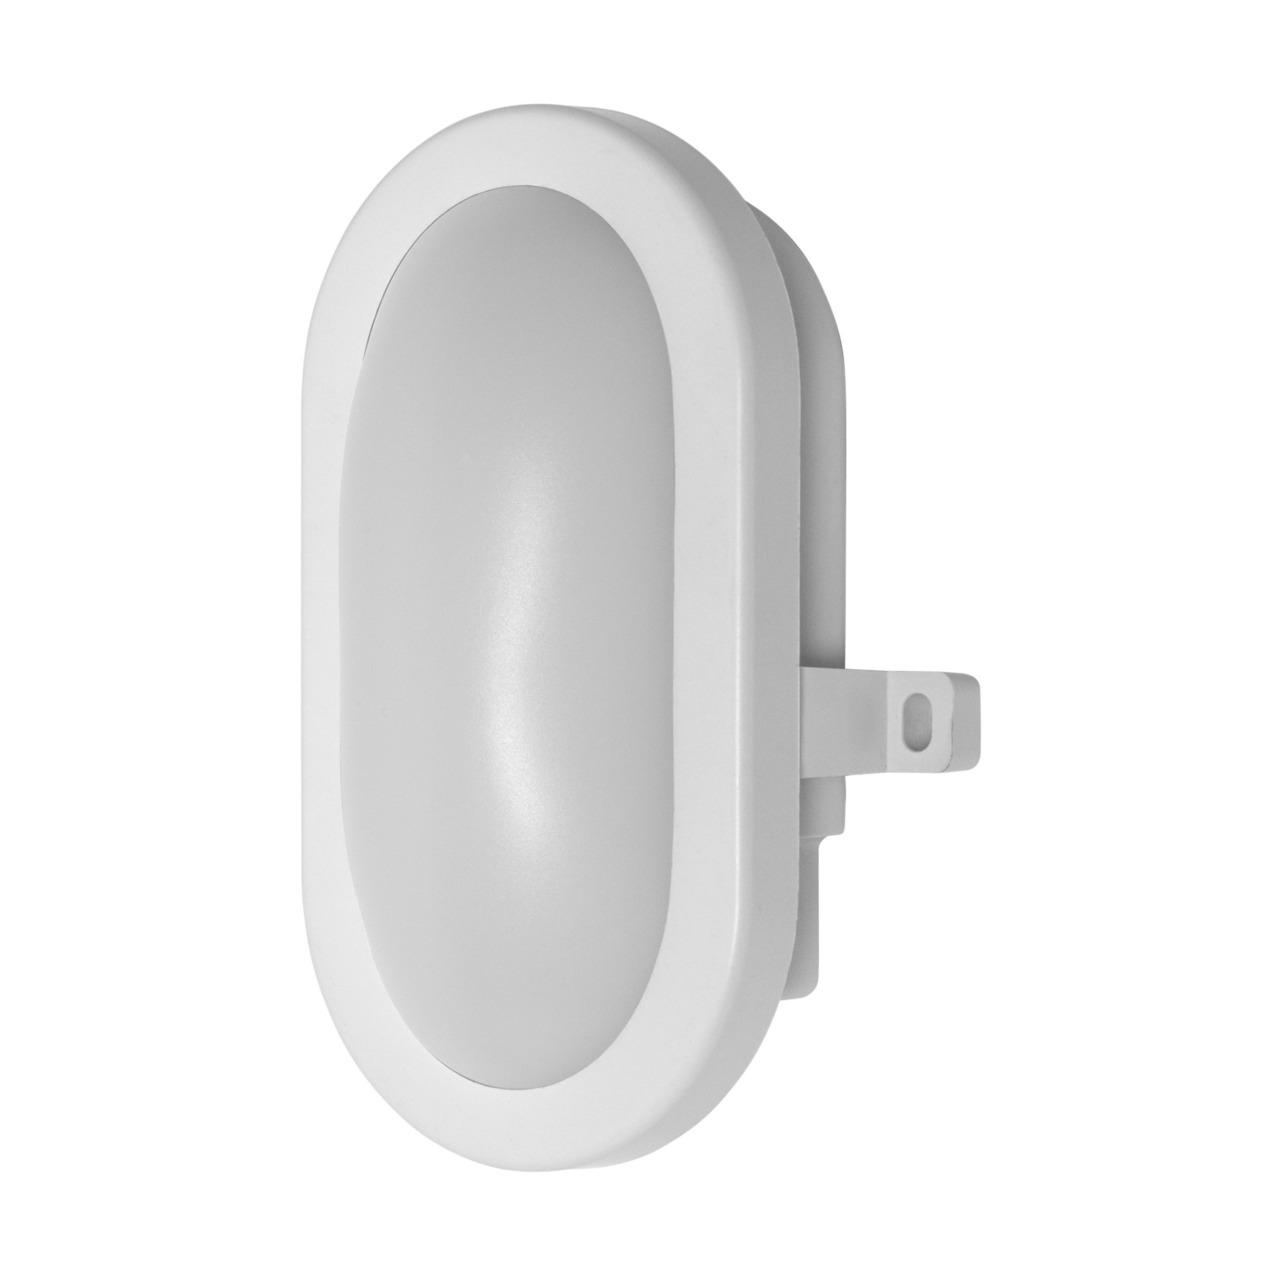 Ledvance 5-5-W-Wand-Deckenleuchte BULKHEAD- weiss- 450 lm- kaltweiss- IP54